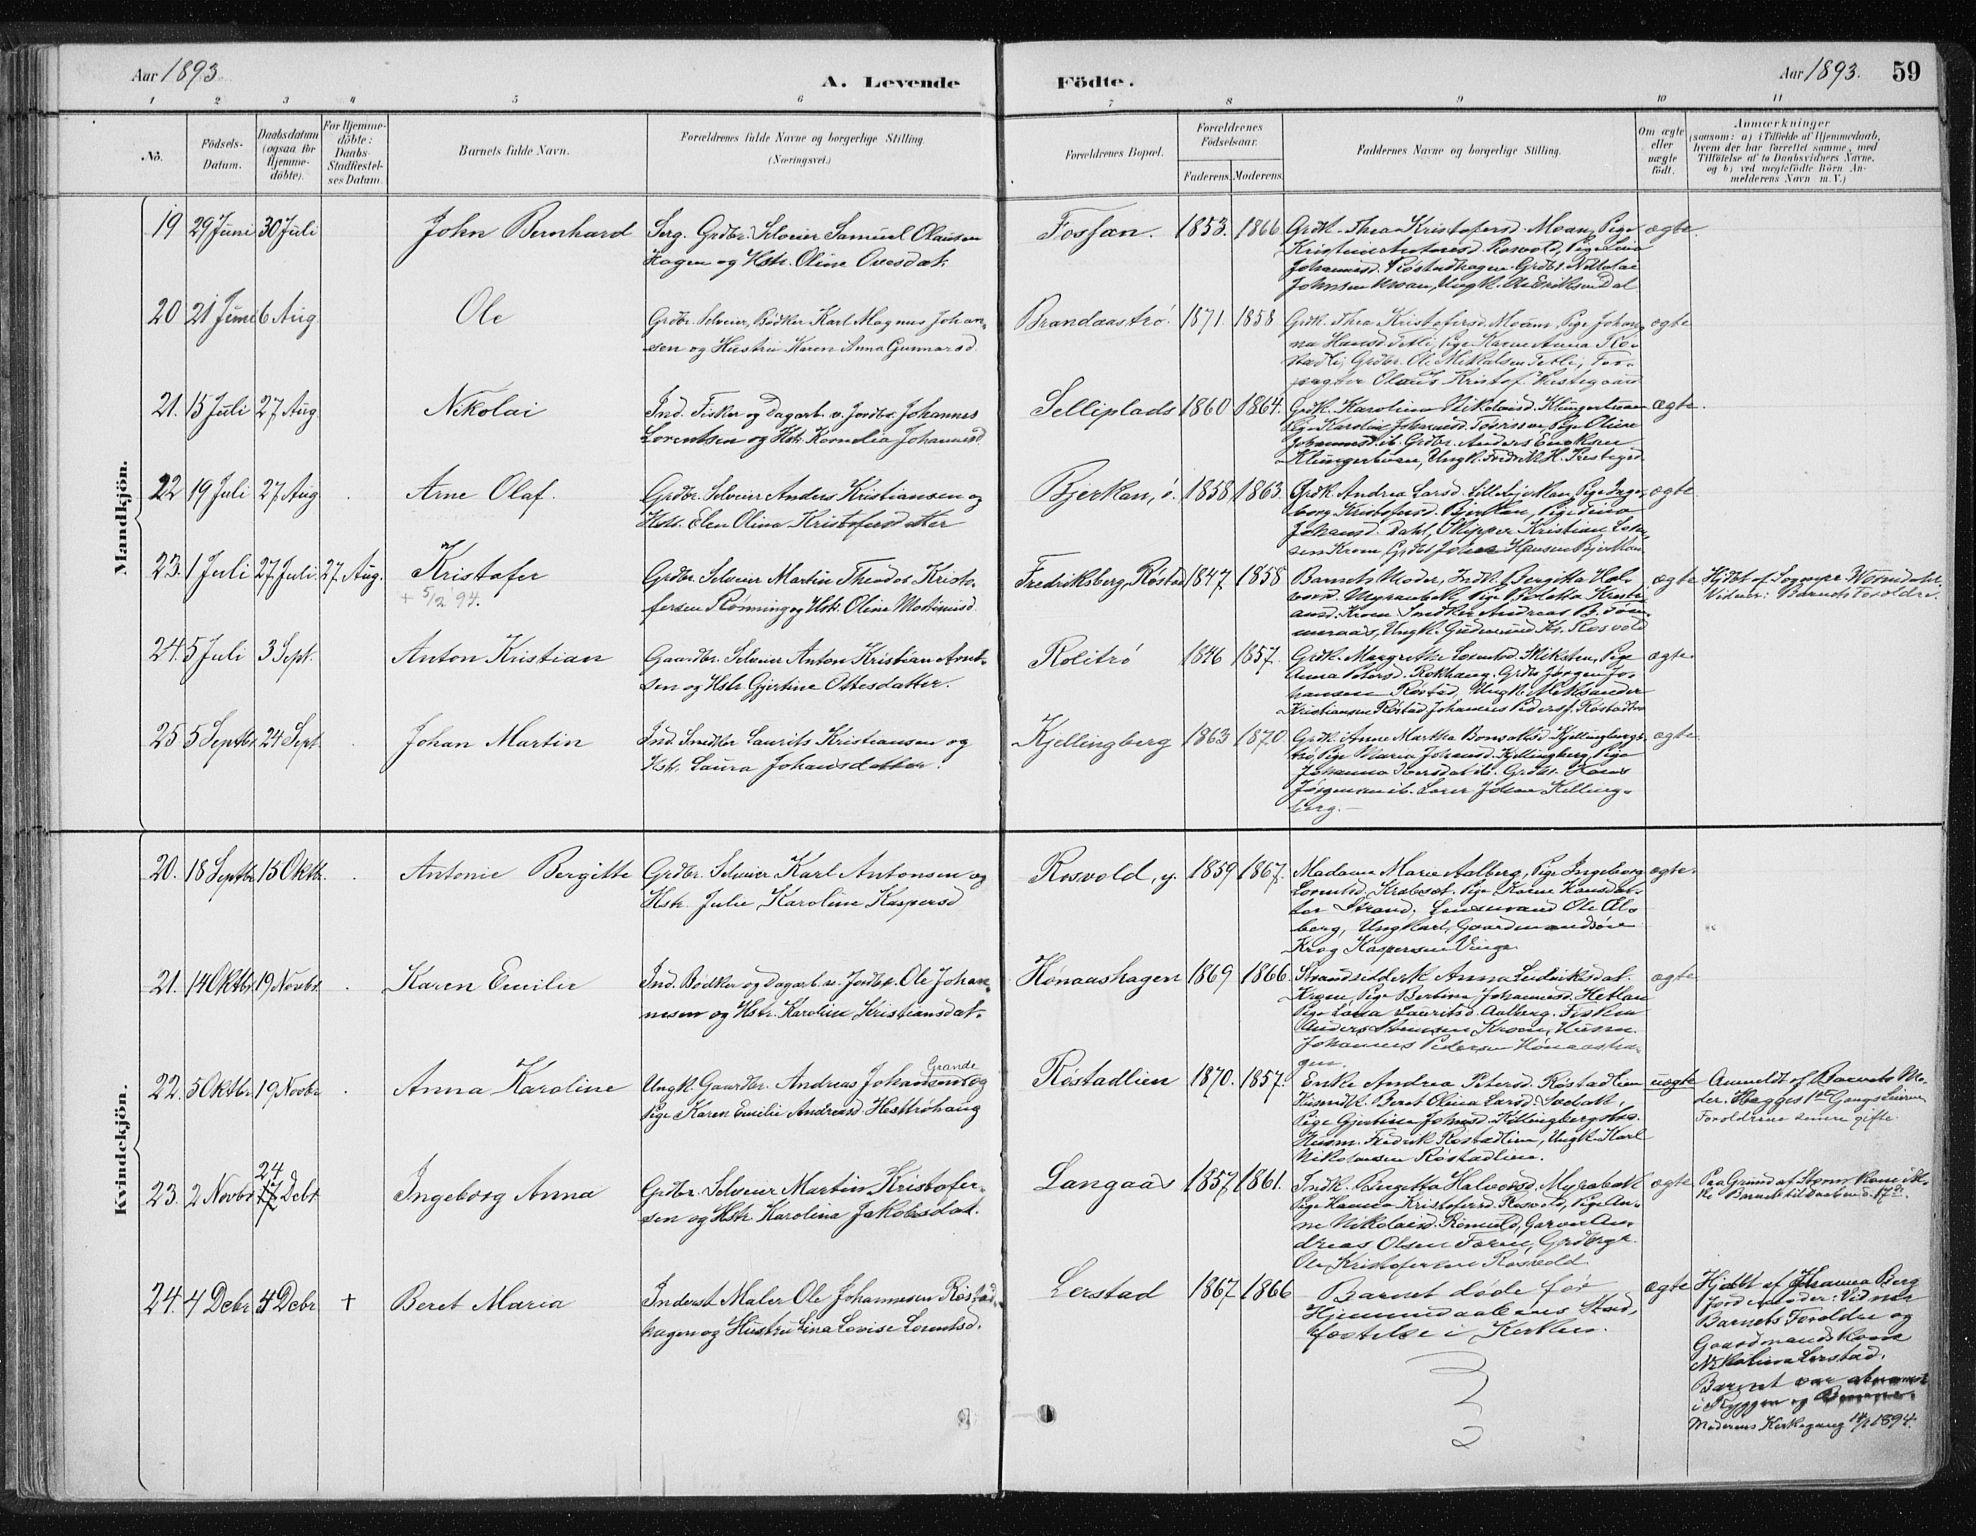 SAT, Ministerialprotokoller, klokkerbøker og fødselsregistre - Nord-Trøndelag, 701/L0010: Ministerialbok nr. 701A10, 1883-1899, s. 59